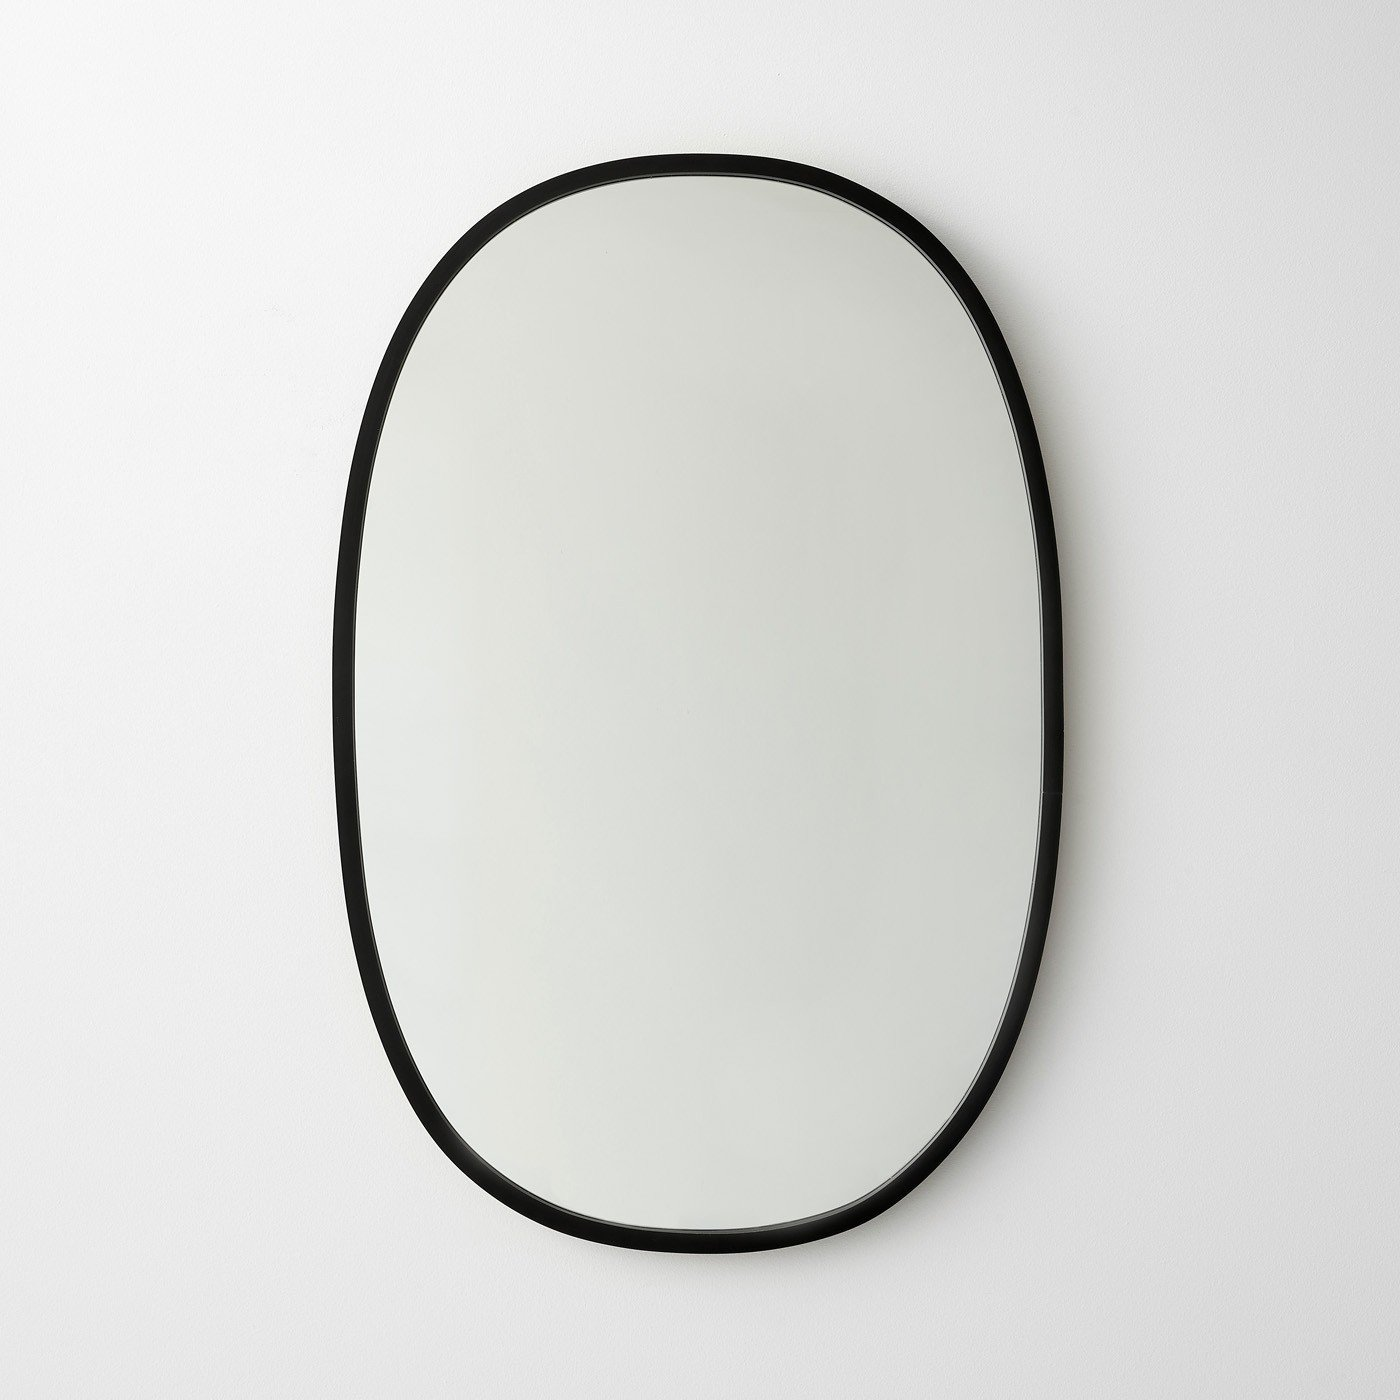 Umbra Hub Black Oval Mirror